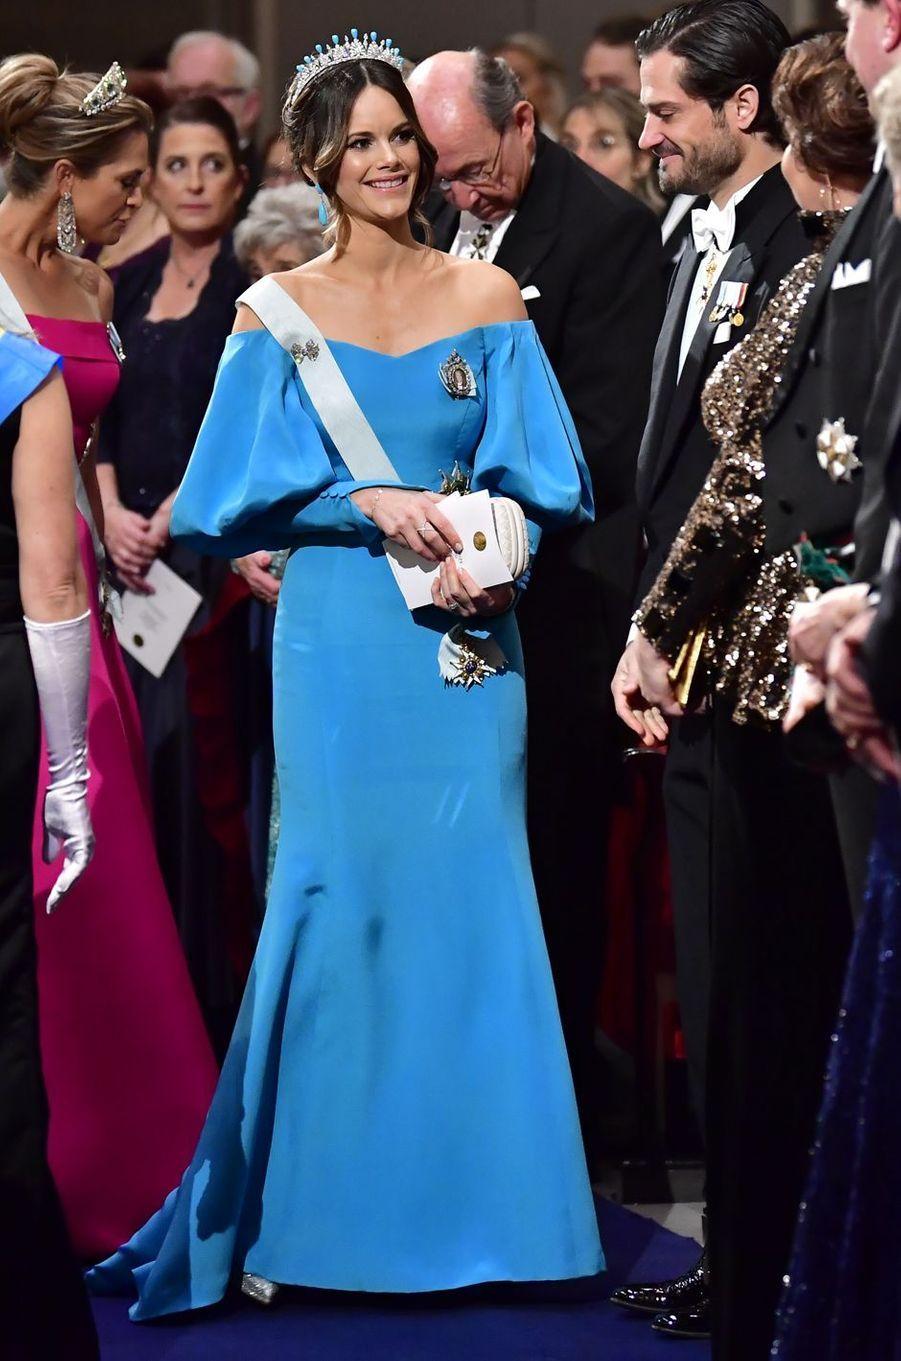 La princesse Sofia de Suède dans une robe Emelie Janrell, à Stockholm le 10 décembre 2019